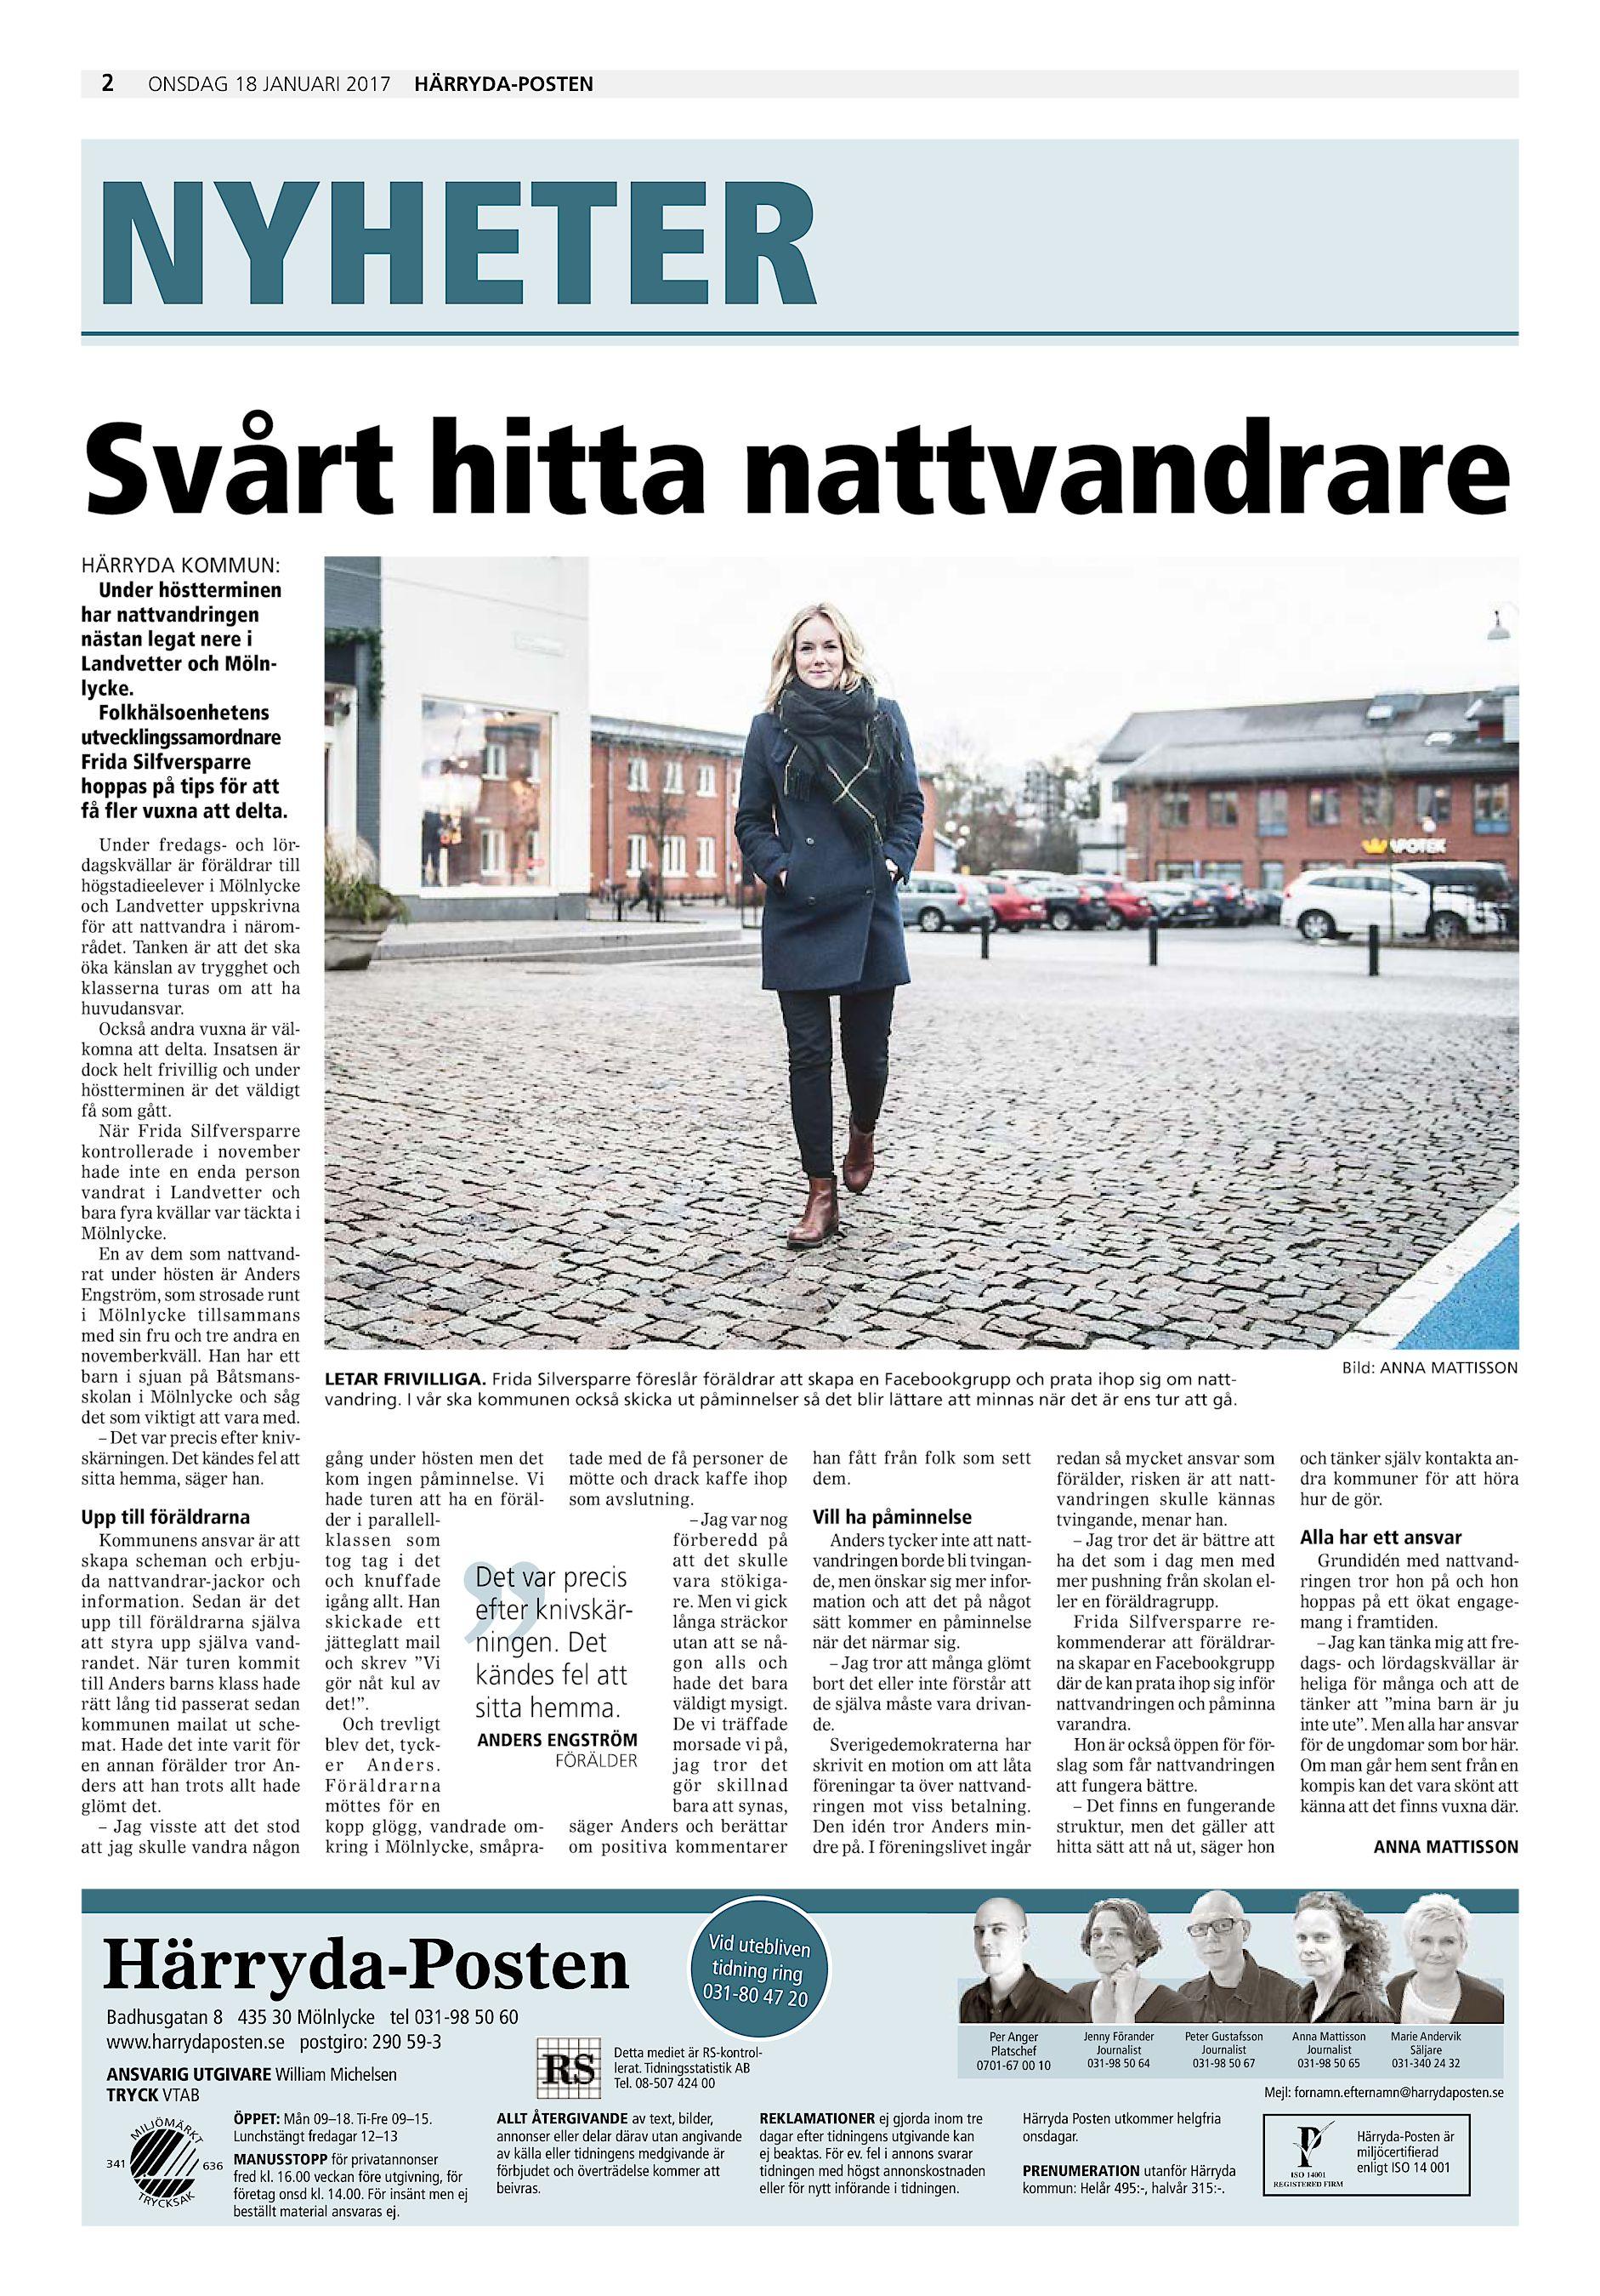 Hrrydaposten / Partille Tidning HP-2017-01-18 (endast text)